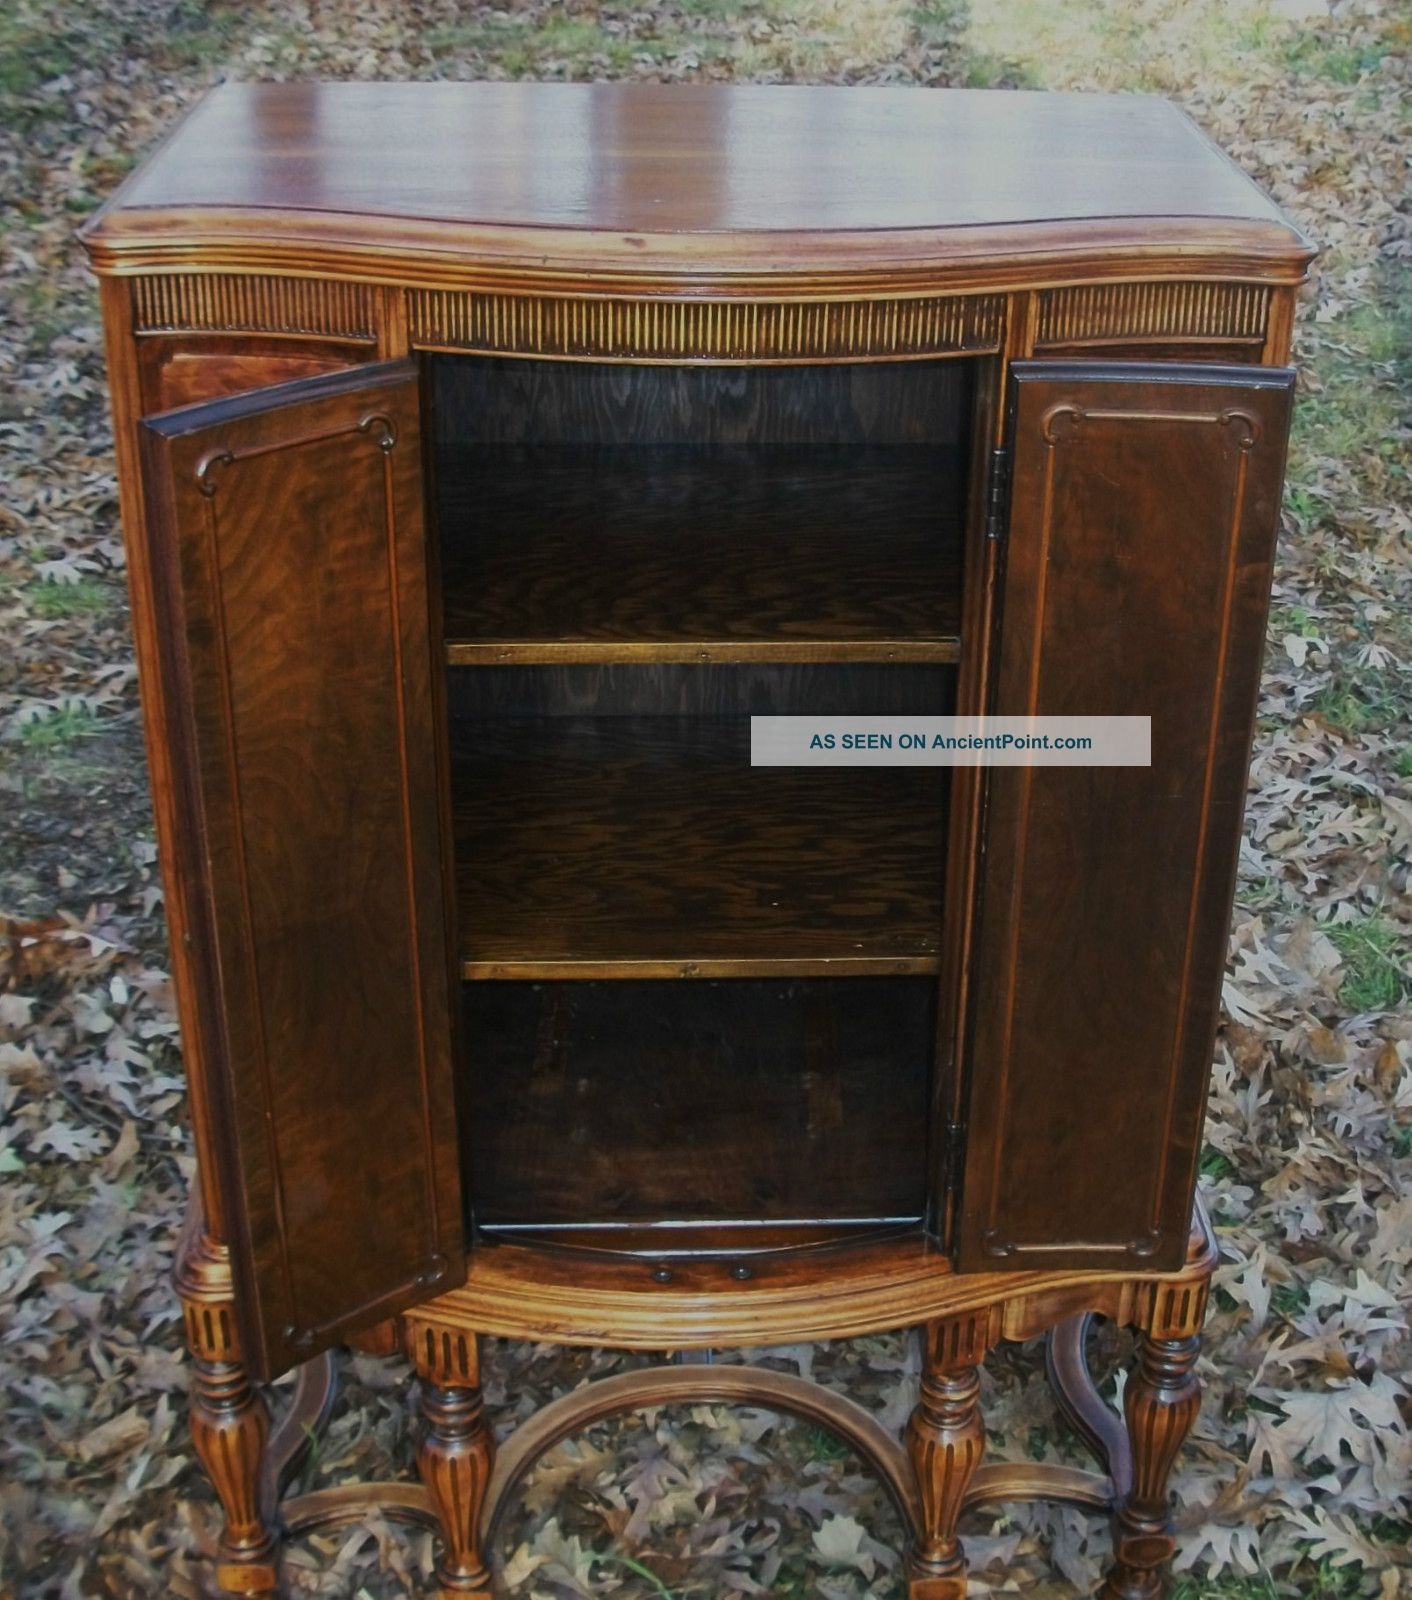 ... Radio Antique Antique Antique S Cabinet Cabinet Radio Radio Vintage  Cabinets Radio 1920 ...